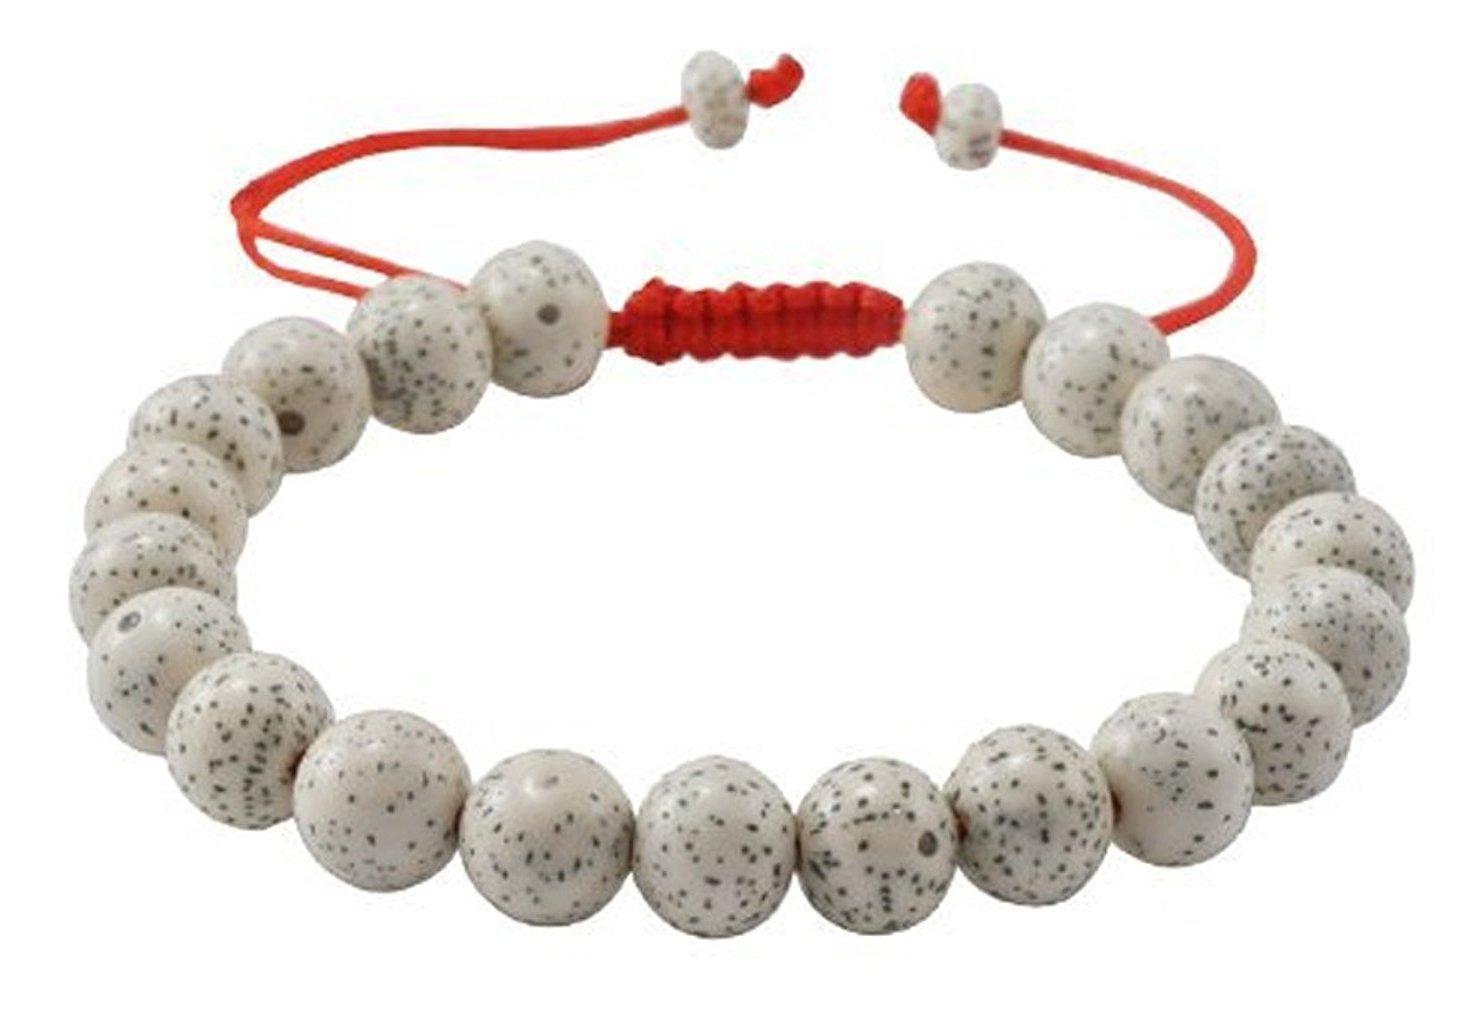 Lotus Seed Bracelet Adjustable Tibetan Wrist Mala Bracelet Healing Meditation Yoga Buddhist Wood Chakra